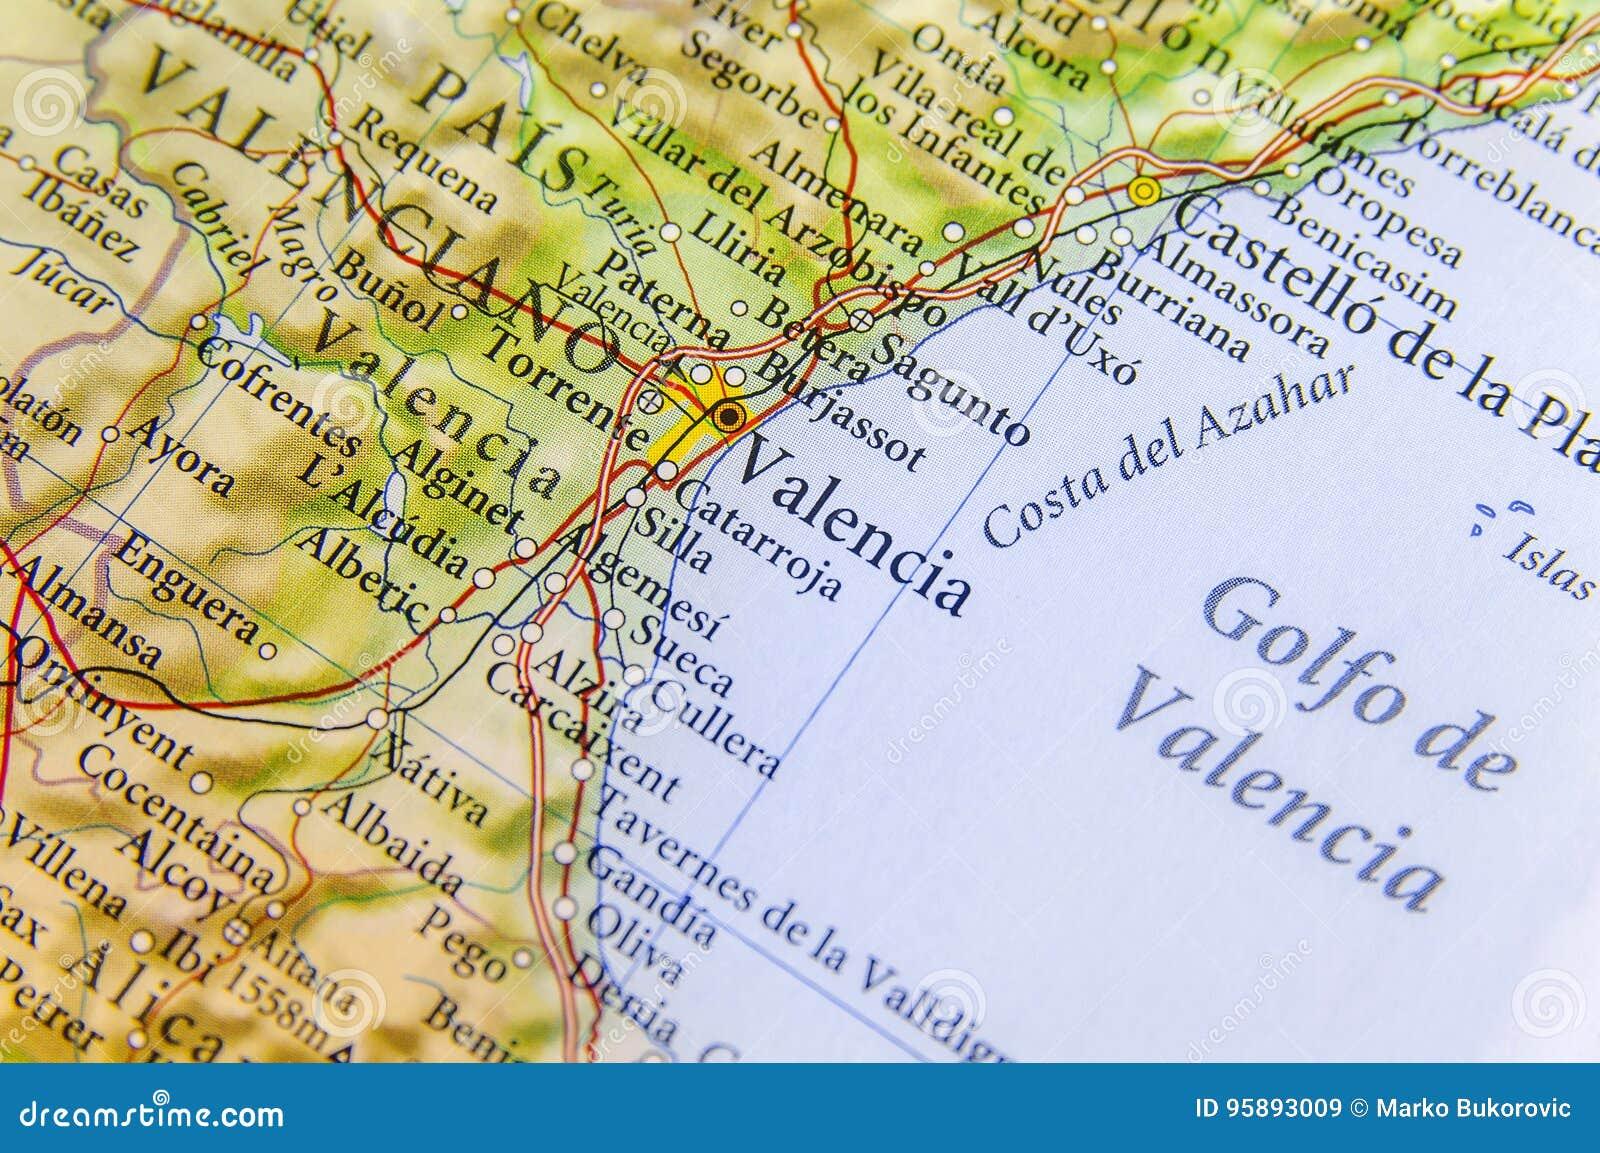 Gandia Spagna Cartina.Mappa Geografica Di Paese Europeo Spagna Con La Citta Di Valencia Immagine Stock Immagine Di Cartografia Atlante 95893009